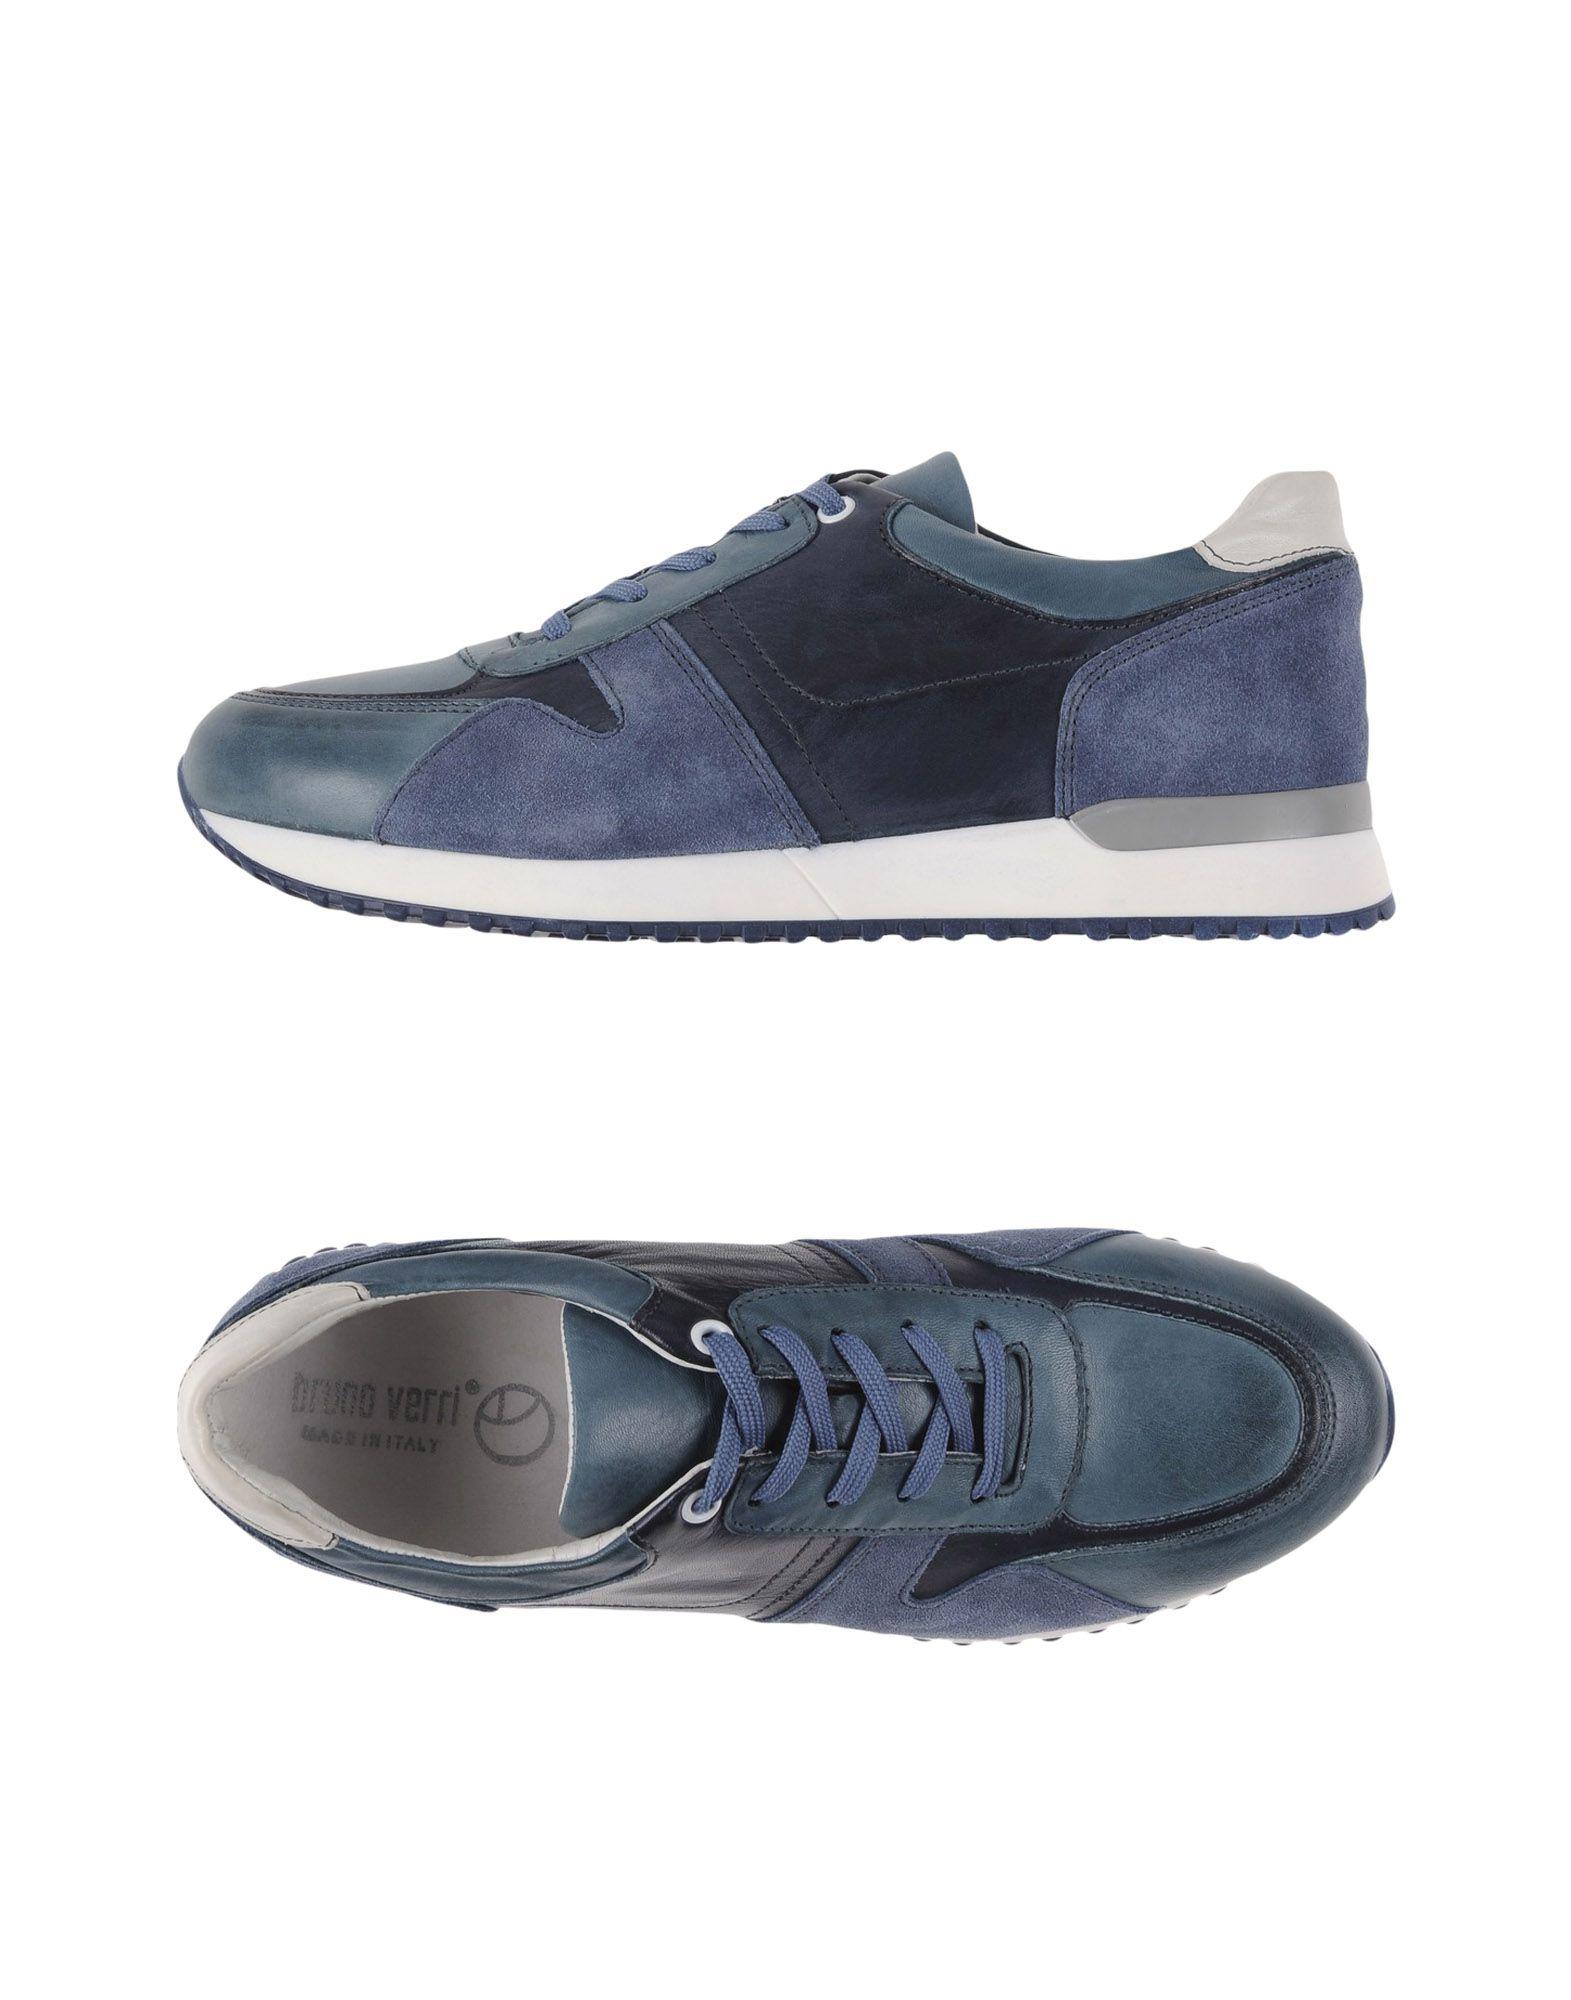 Bruno Verri Sneakers Qualität Herren  11191797HA Gute Qualität Sneakers beliebte Schuhe fadf44